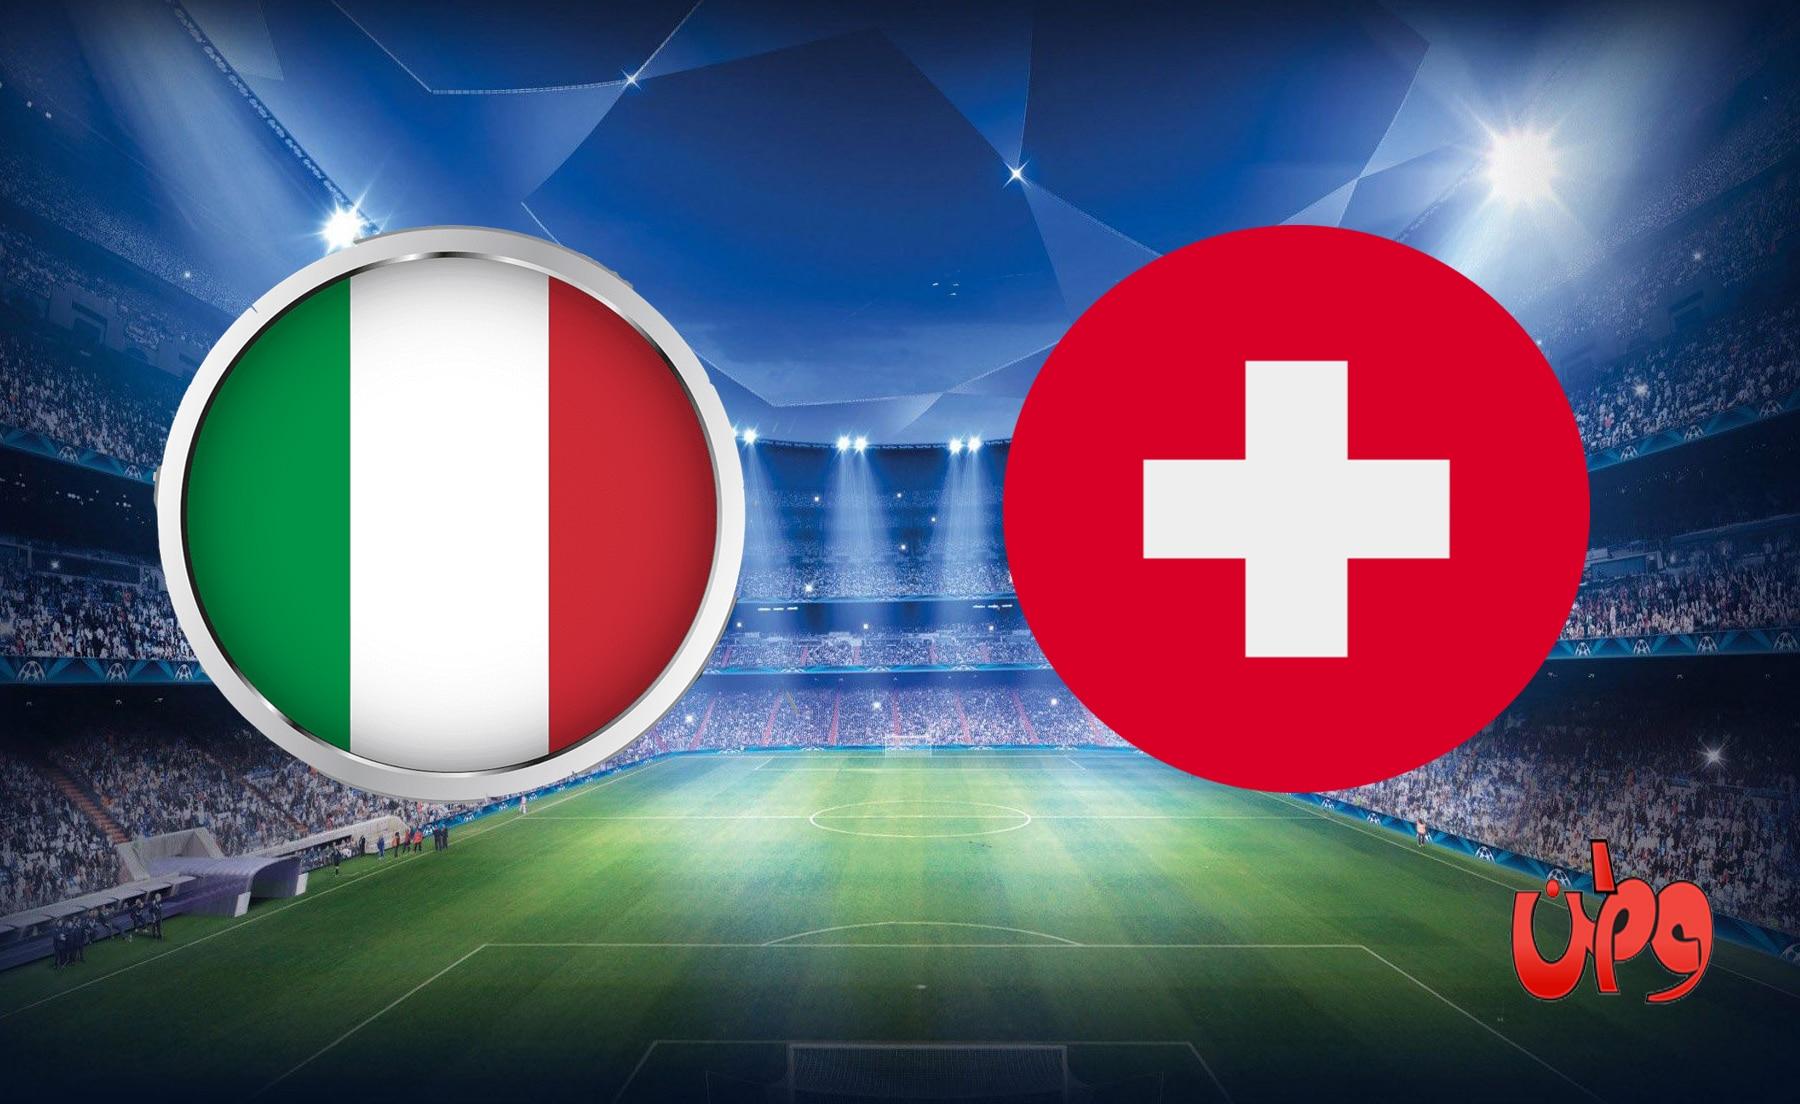 موعد مباراة منتخب إيطاليا وسويسرا في تصفيات أوروبا مونديال كأس العالم 2022